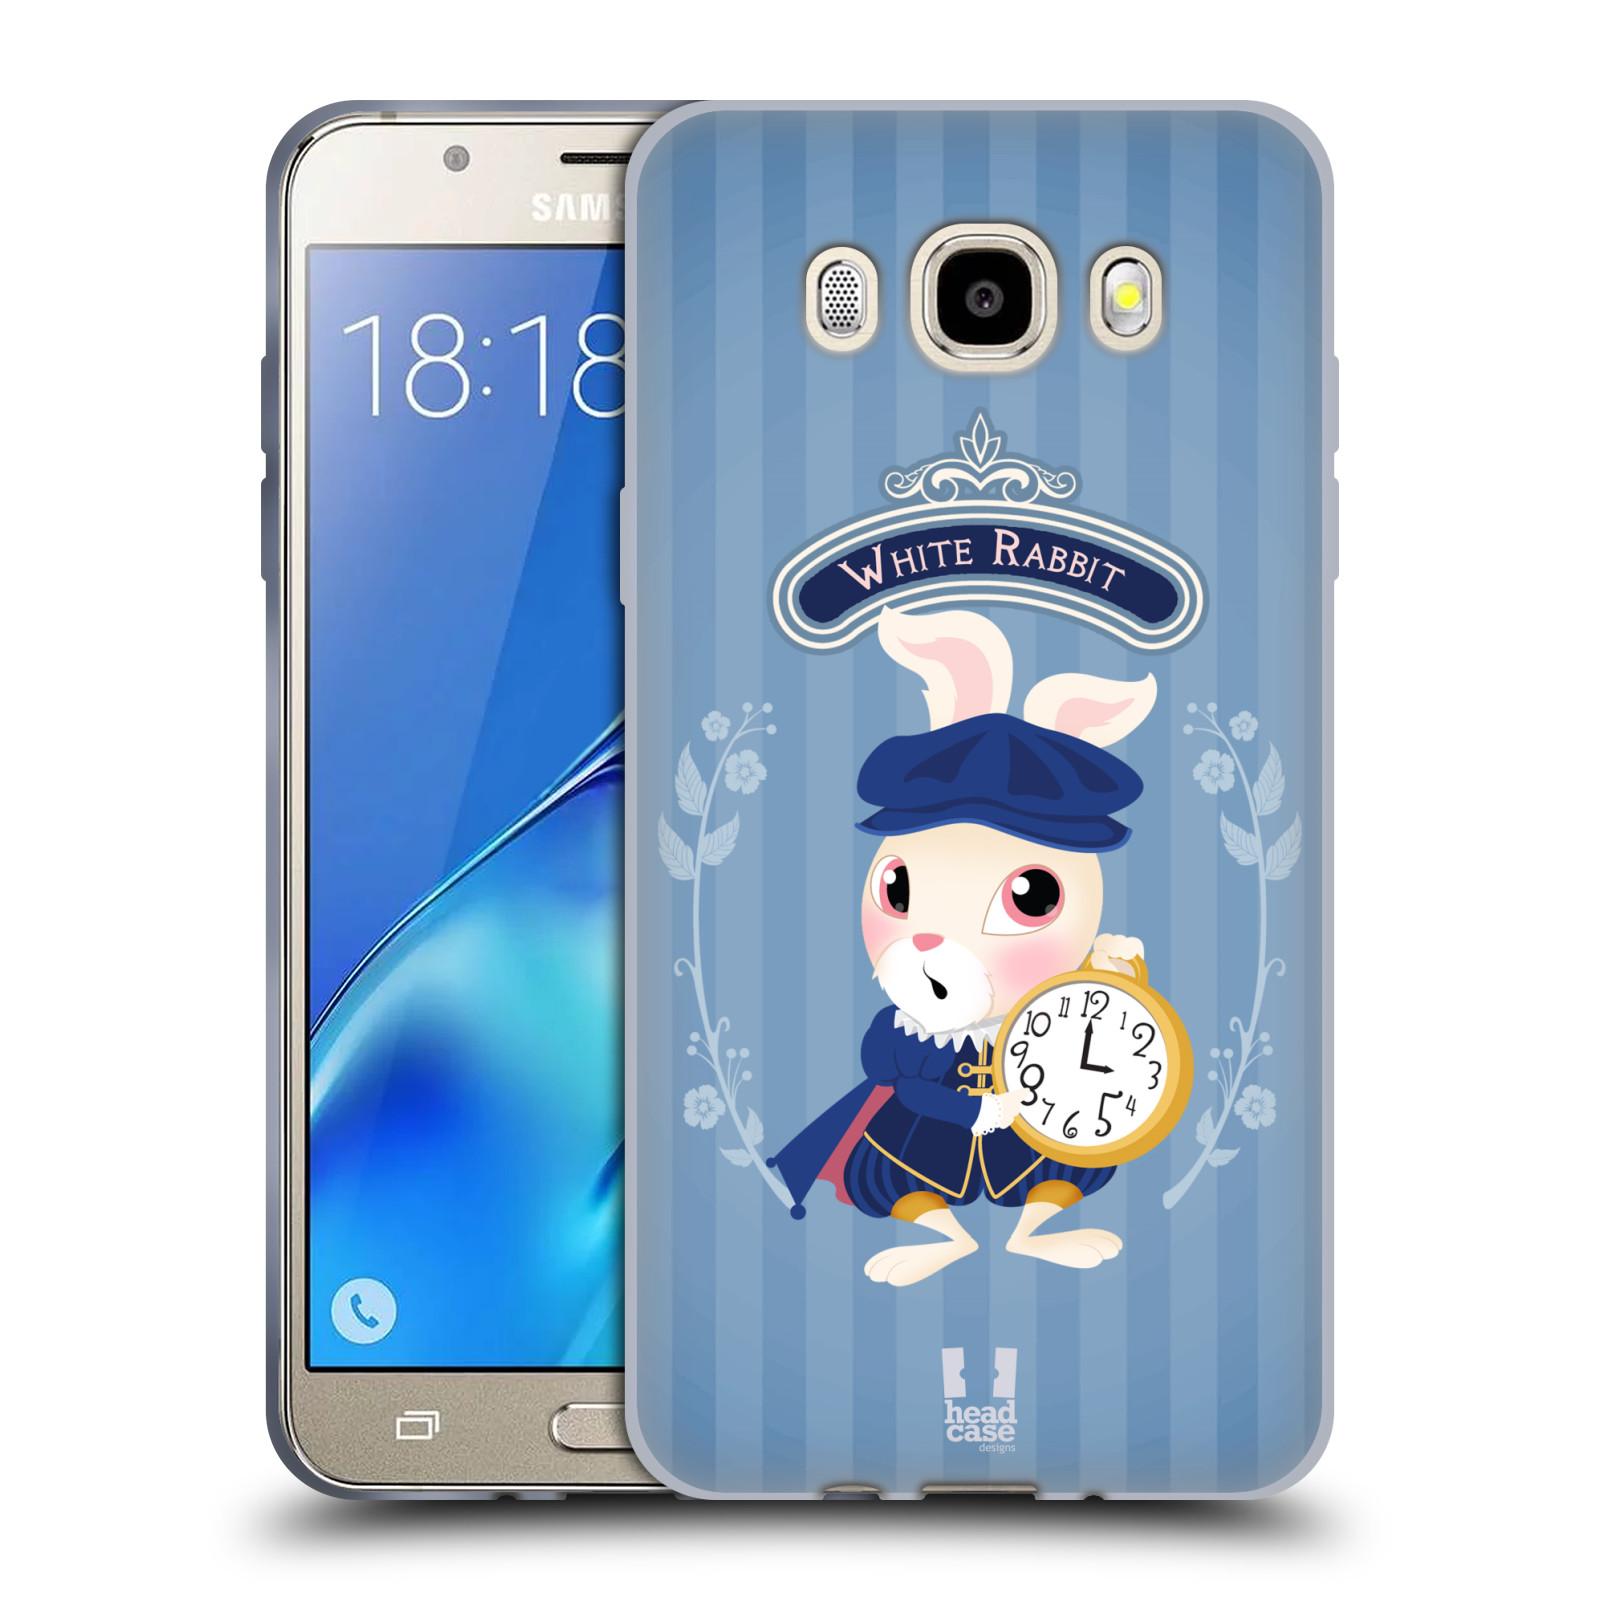 HEAD CASE silikonový obal, kryt na mobil Samsung Galaxy J5 2016, J510, J510F, (J510F DUAL SIM) vzor Alenka v říši divů králíček